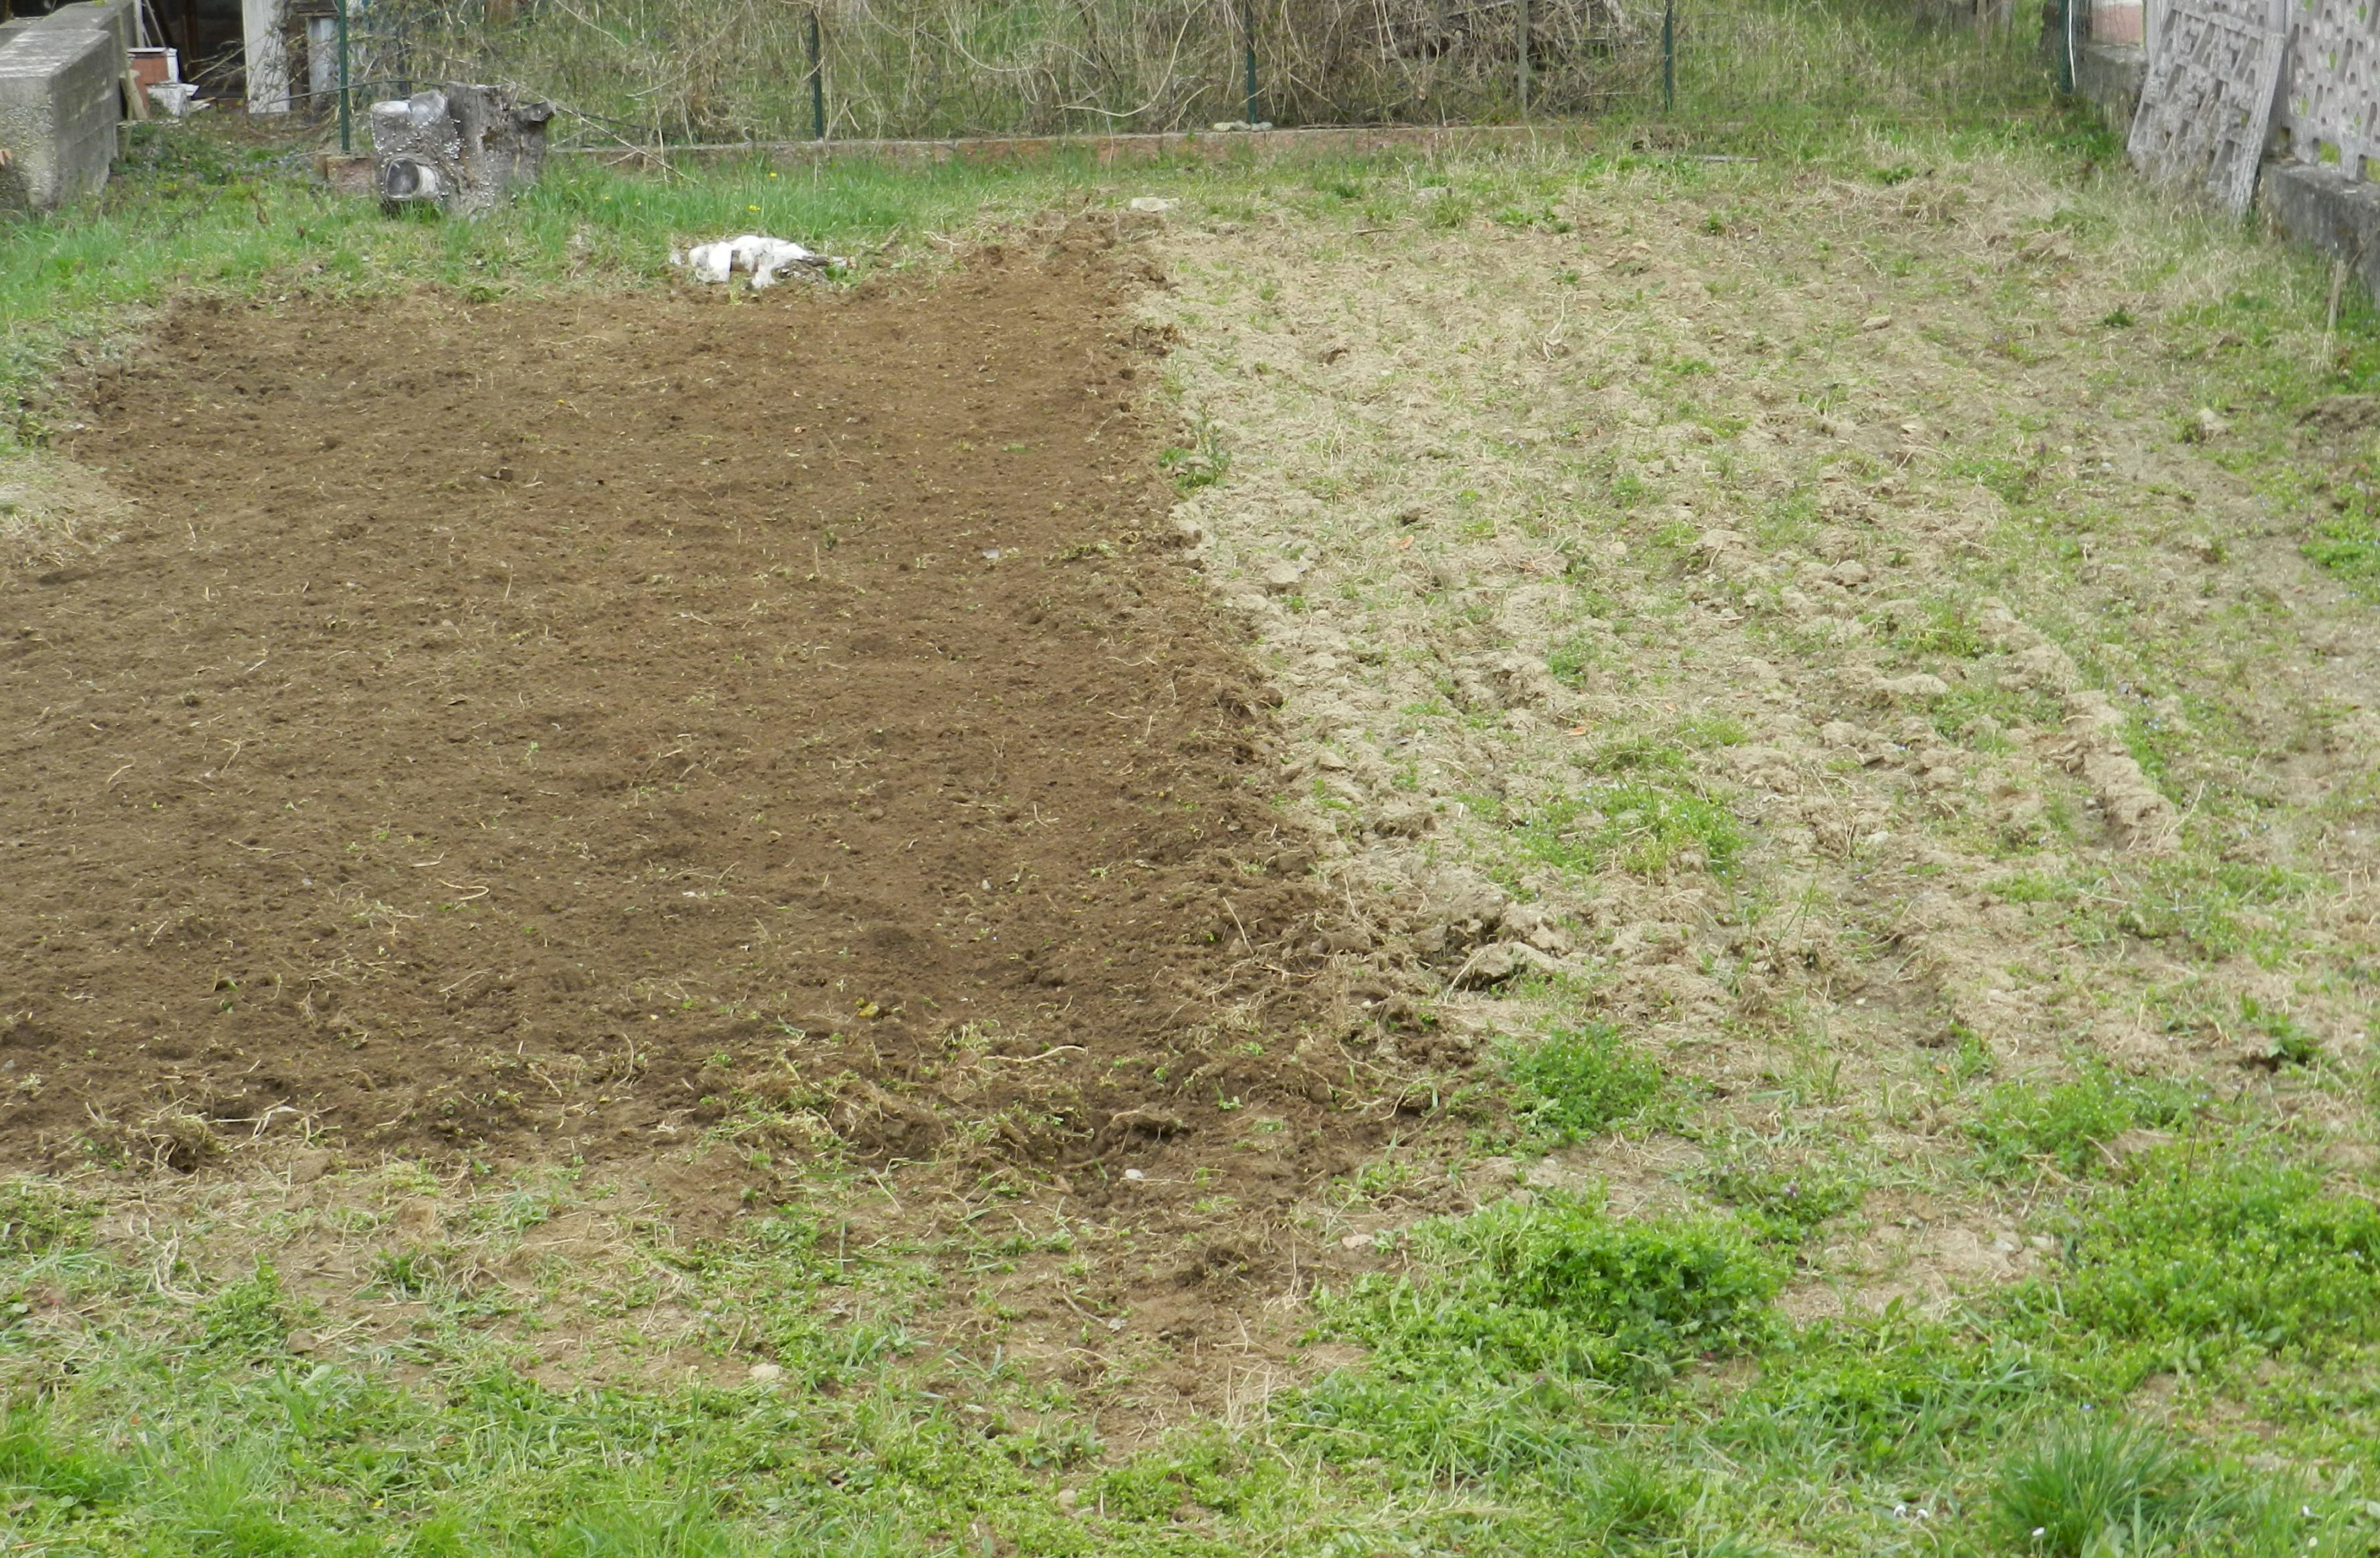 L'ORTO AL NATURALE 1: Il nostro orto a km 0